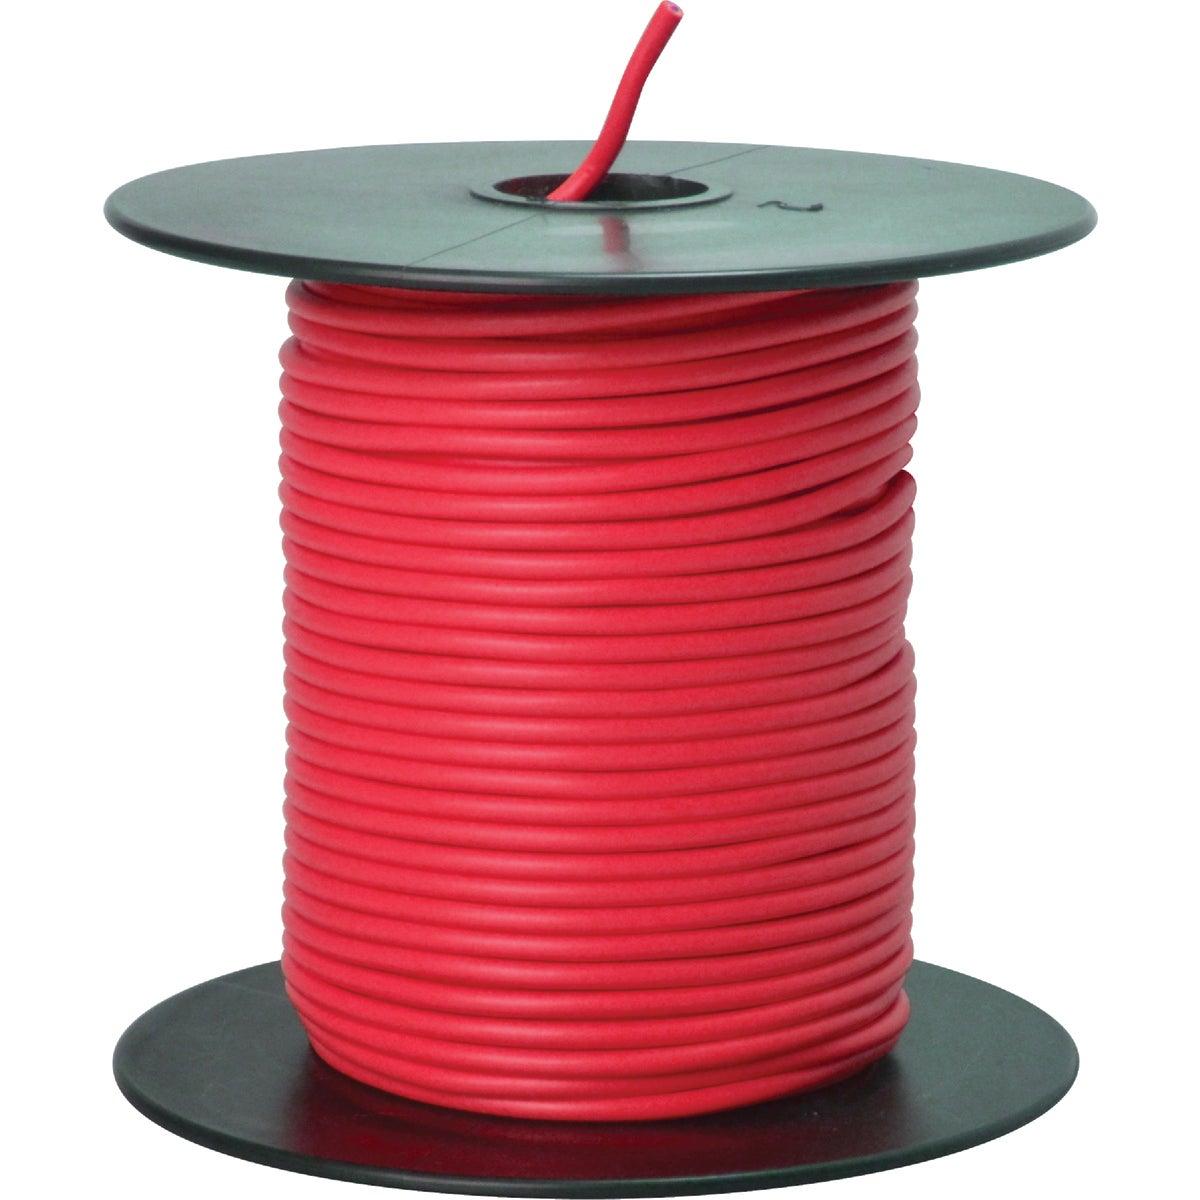 100' 18GA RED AUTO WIRE